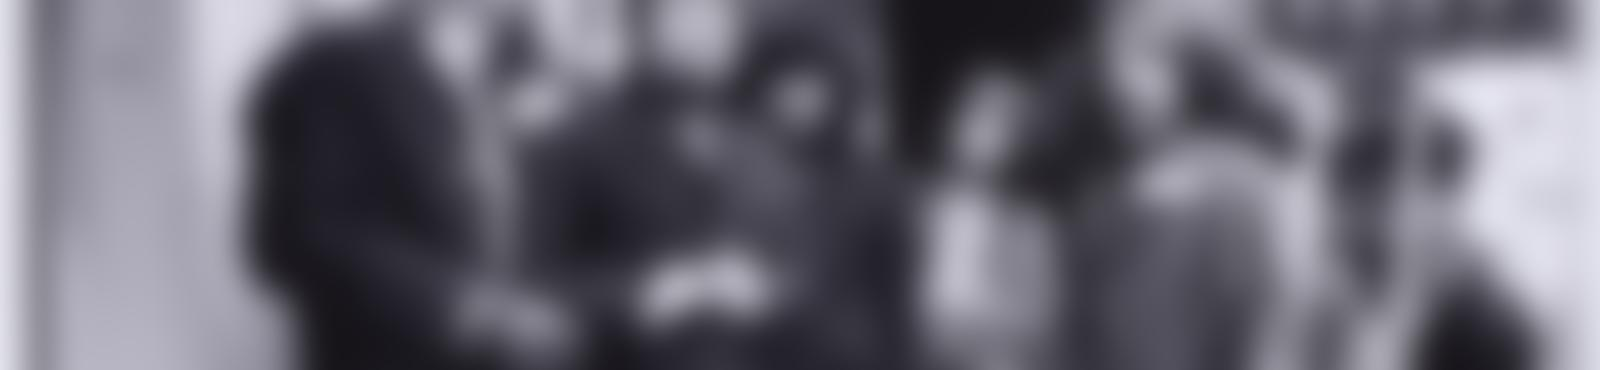 Blurred 3a83ae24 bd3a 4916 9285 3d1d80ae42a1